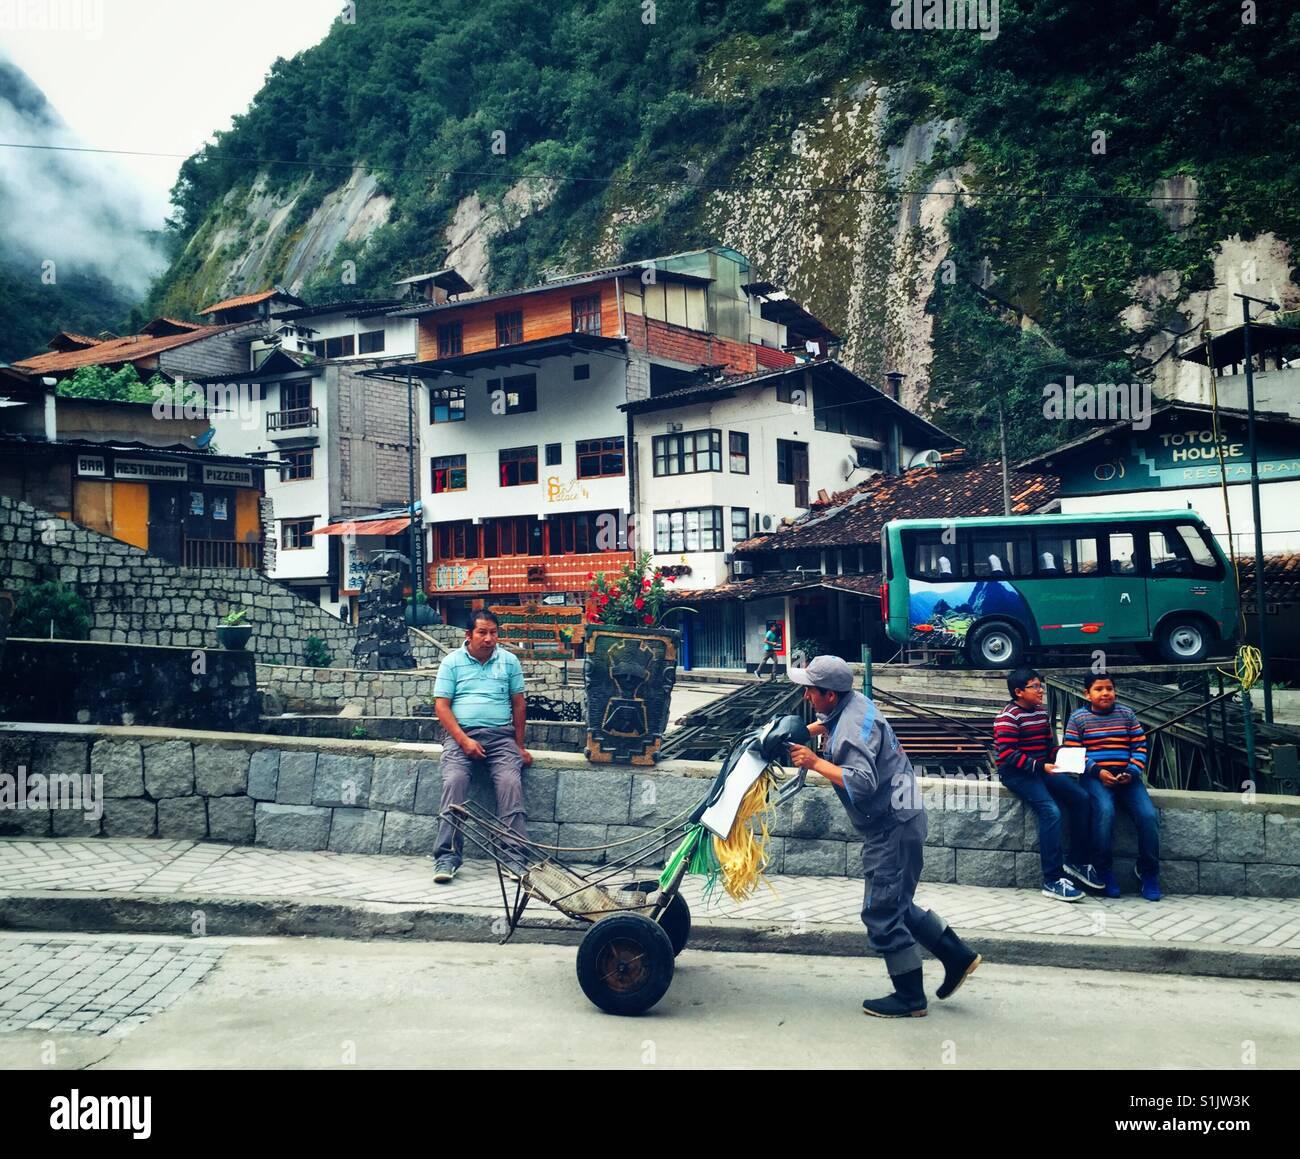 La vie quotidienne s'écoule dans les rues d'Aguas Calientes, le point de départ pour le Machu Photo Stock